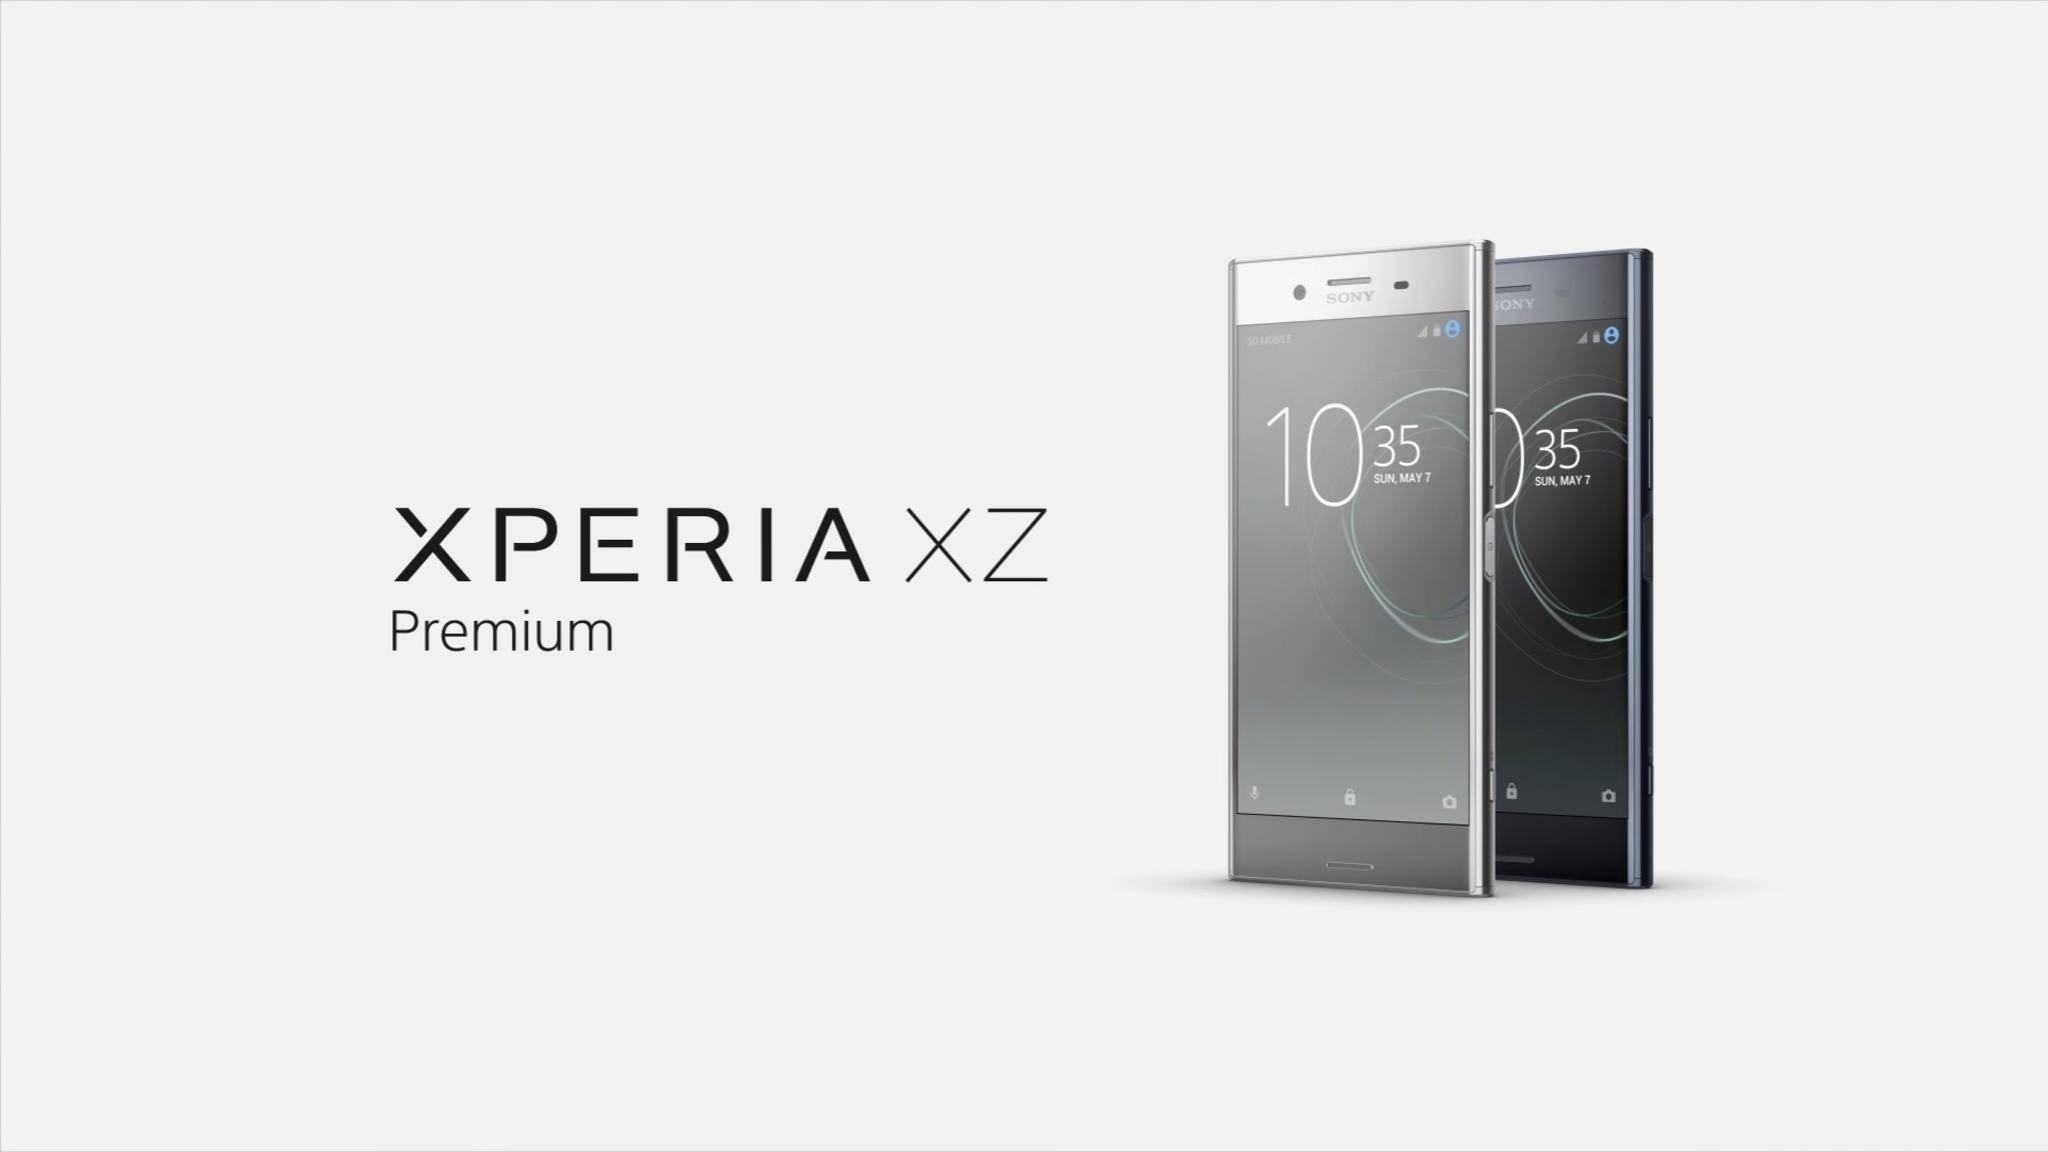 Das Sony Xperia XZ Premium ist das bislang einzige angekündigte Smartphone-Flaggschiff mit dem neuen Snapdragon 835.